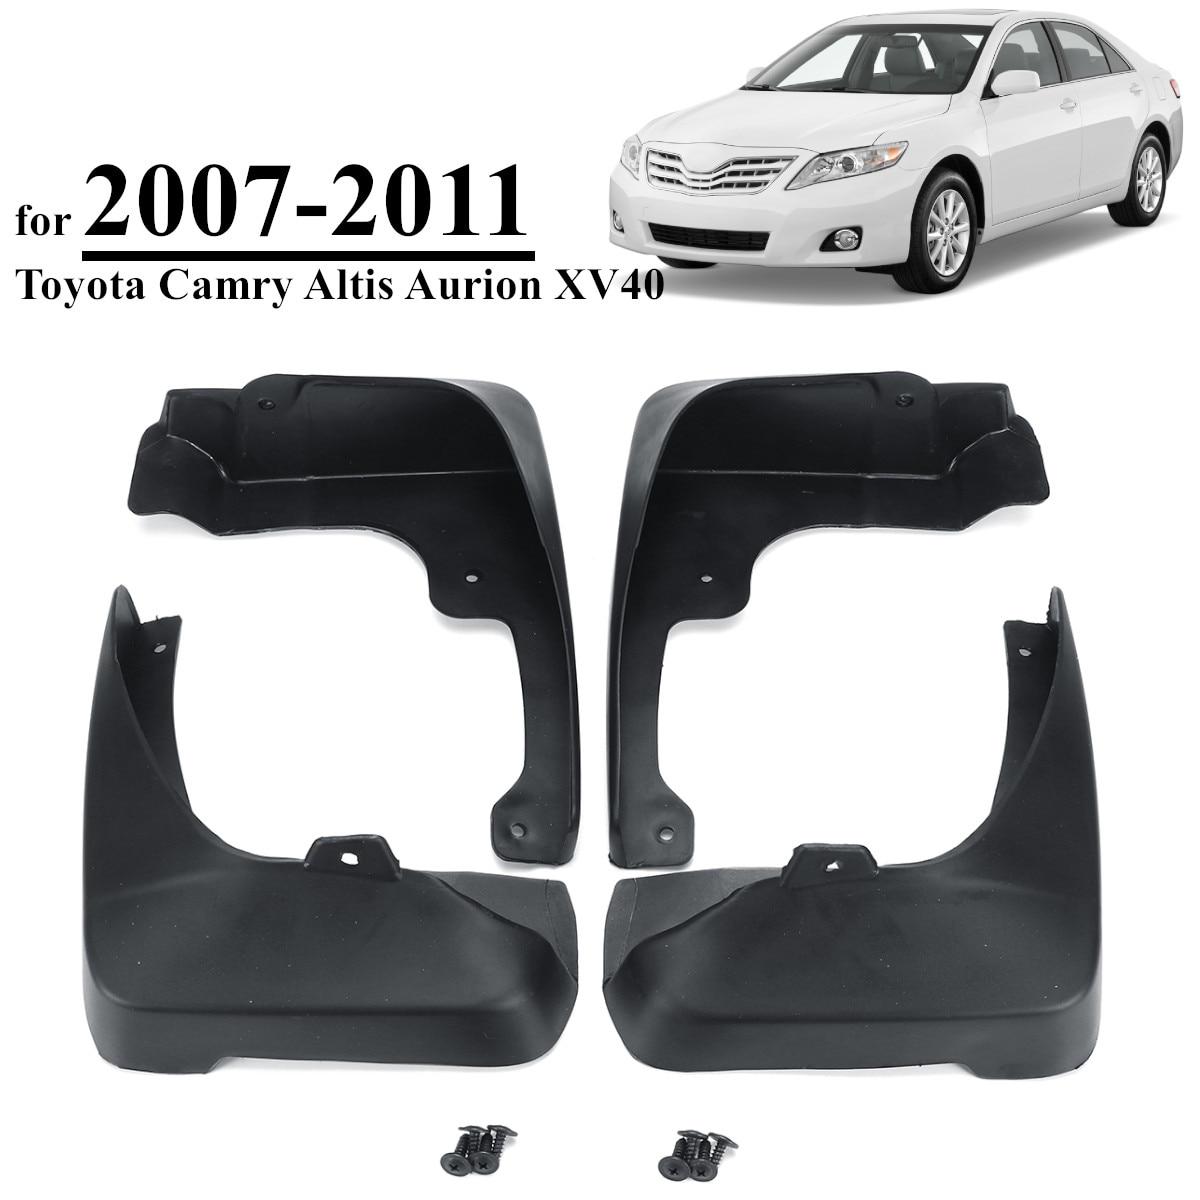 Para Toyota Camry Altis Aurion XV40 2007-2011 guardabarros de coche guardabarros bengalas guardabarros de salpicaduras